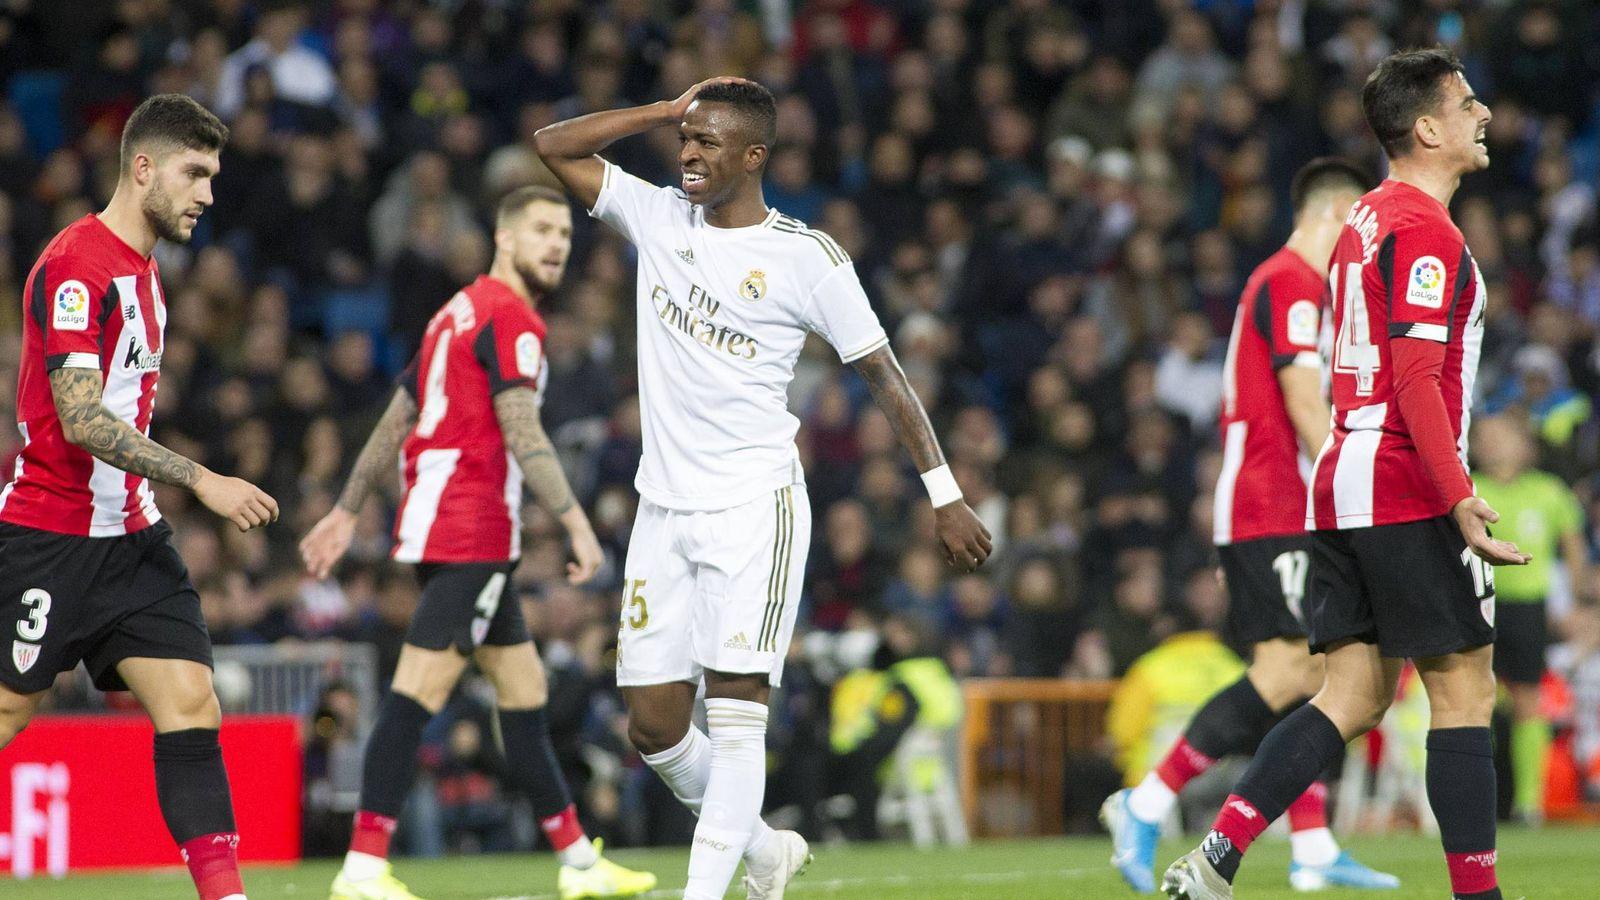 Foto: Vinicius en el Real Madrid - Athletic Club. (Miguel Berrocal)